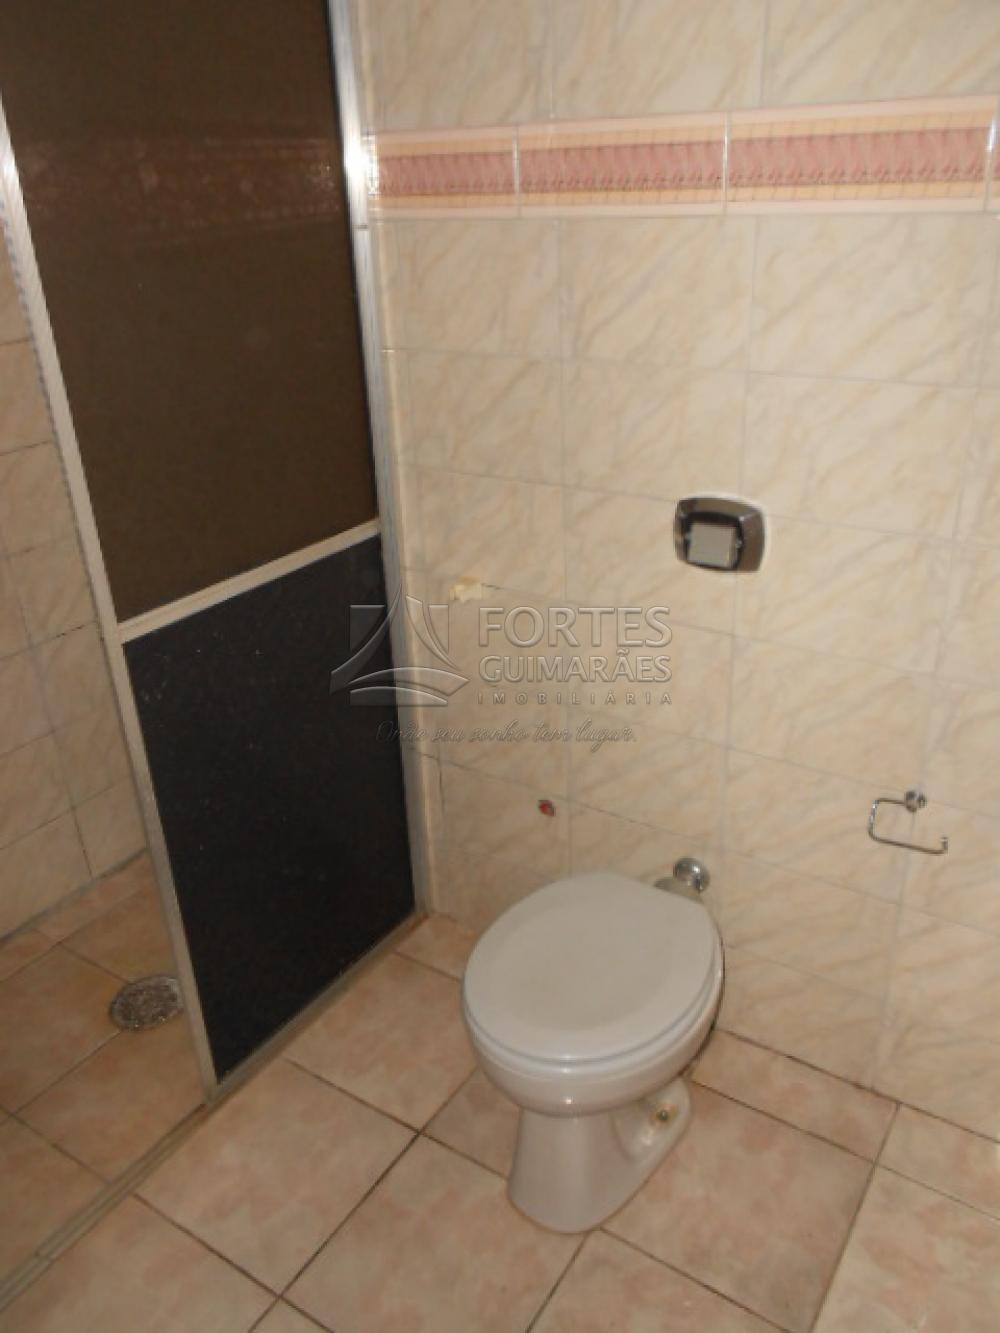 Alugar Casas / Padrão em Ribeirão Preto apenas R$ 950,00 - Foto 17